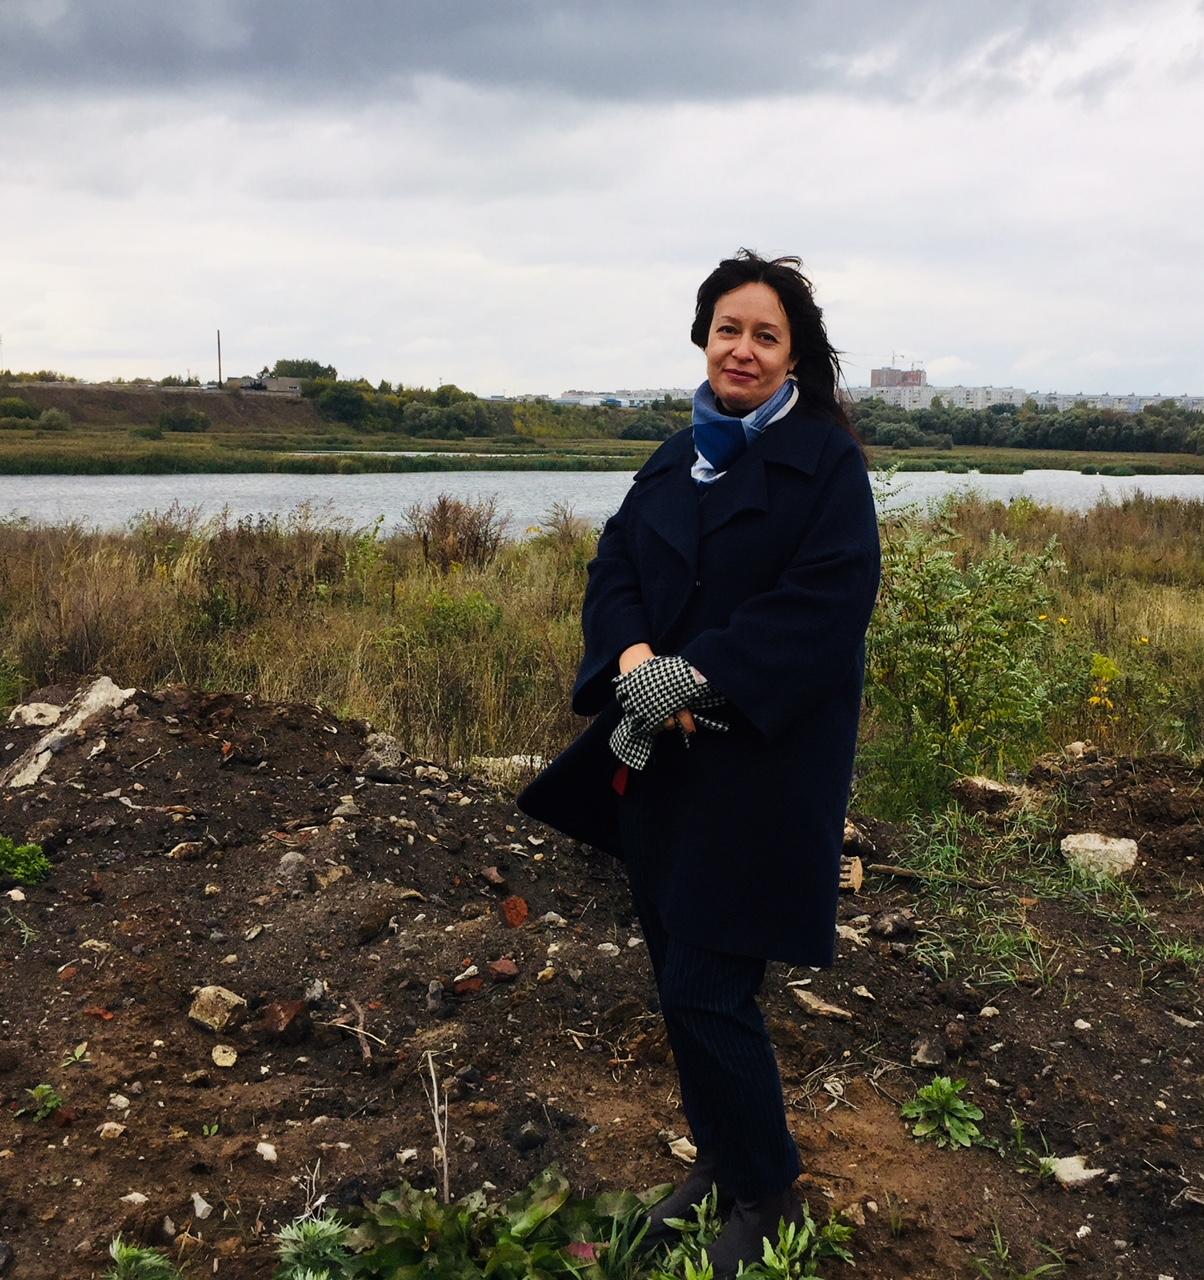 Озеро Дикая утка продолжает зарастать отходами